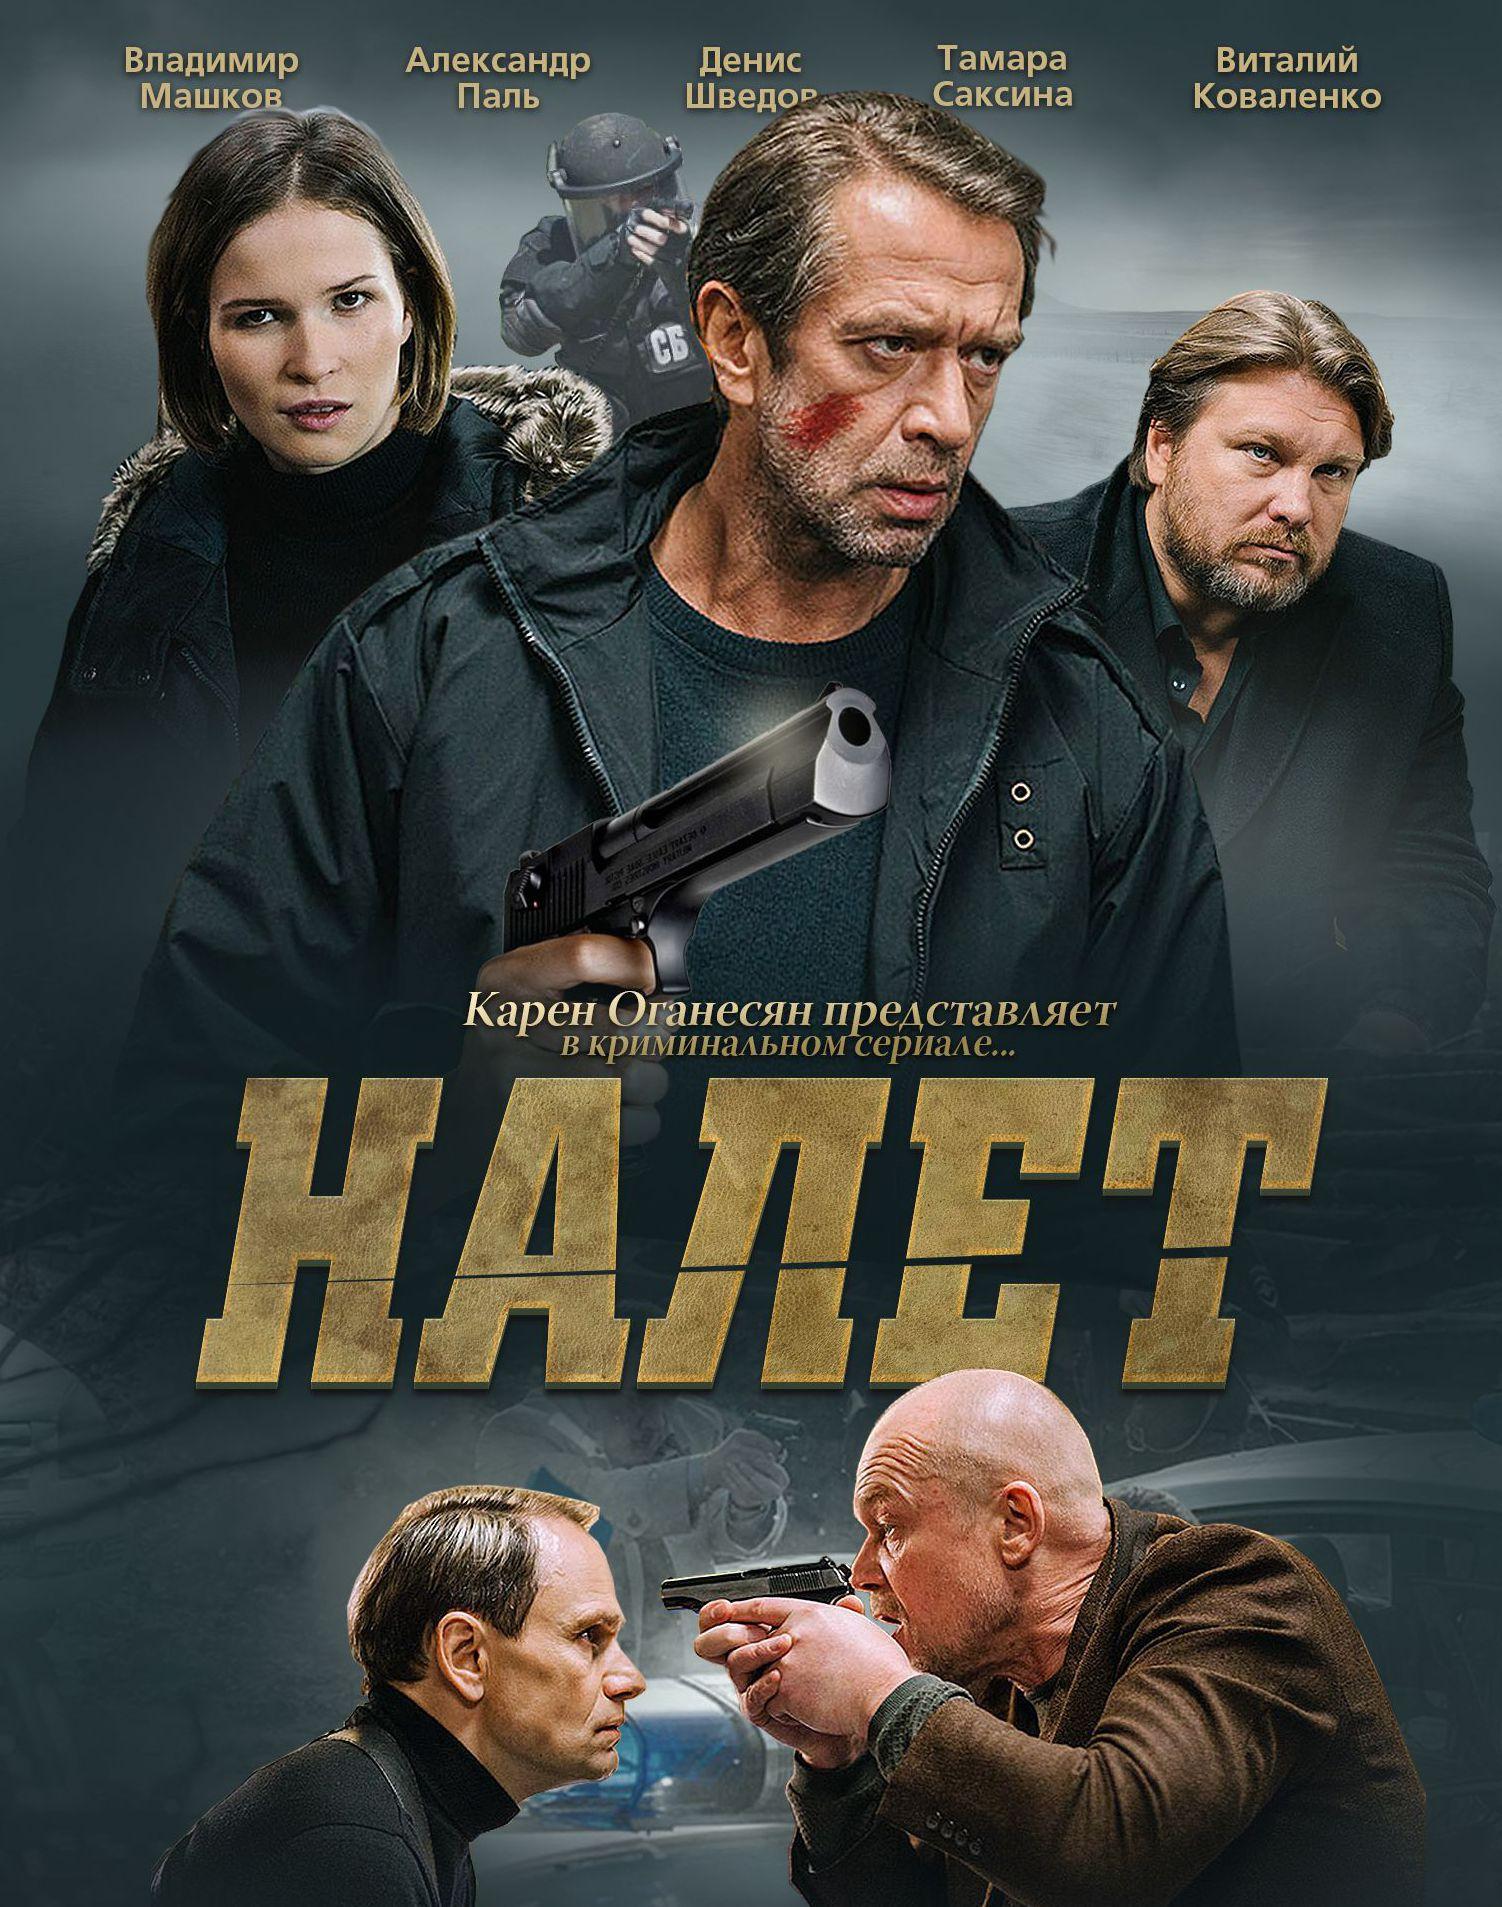 Новейшие сериалы 2018 россия криминал